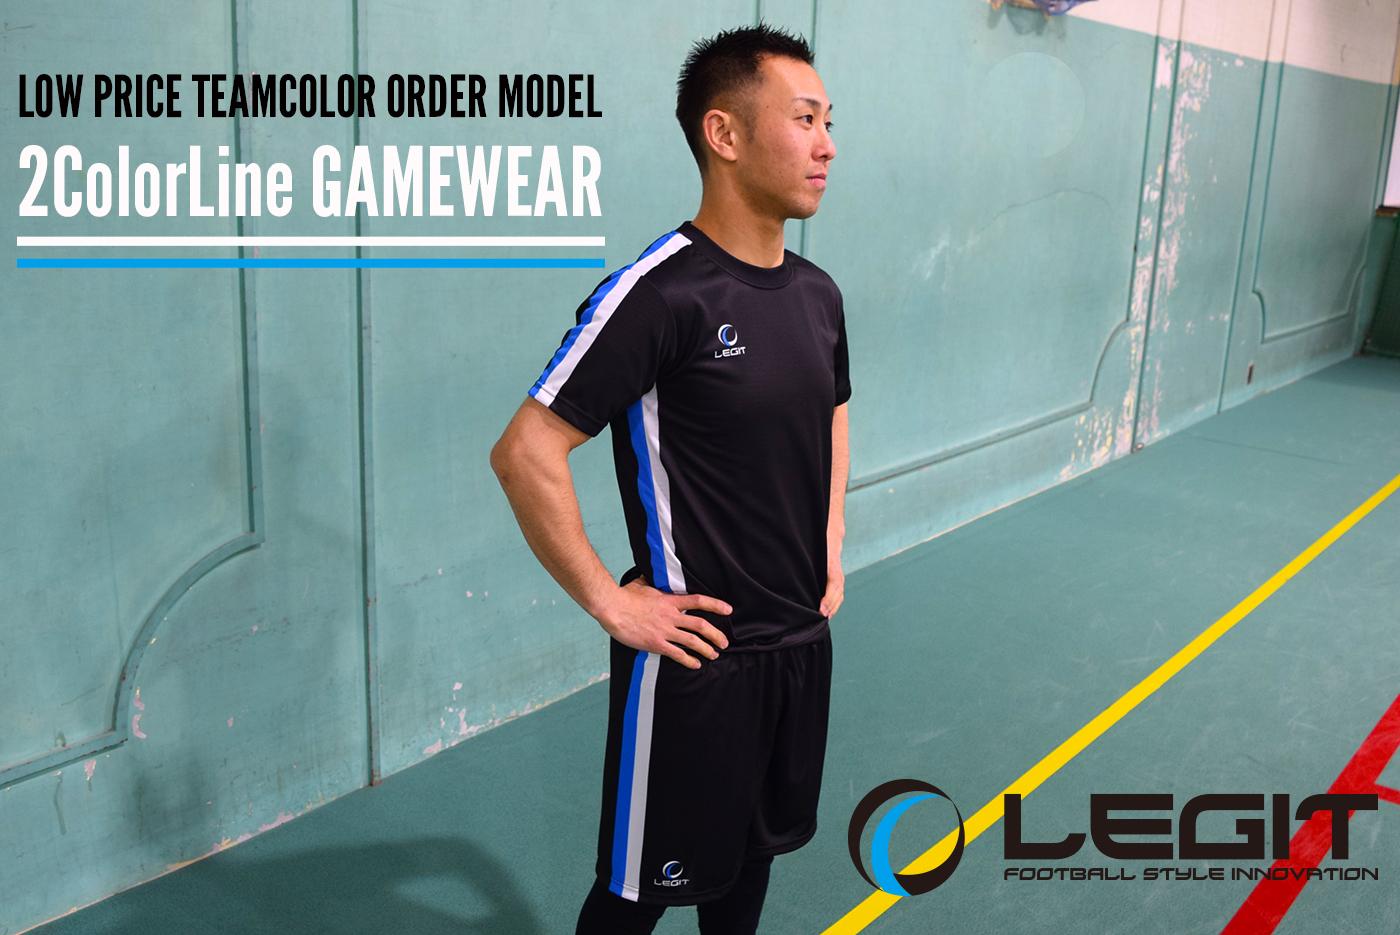 LEGIT/レジット 定番2カラーラインゲームパンツ LG-R72